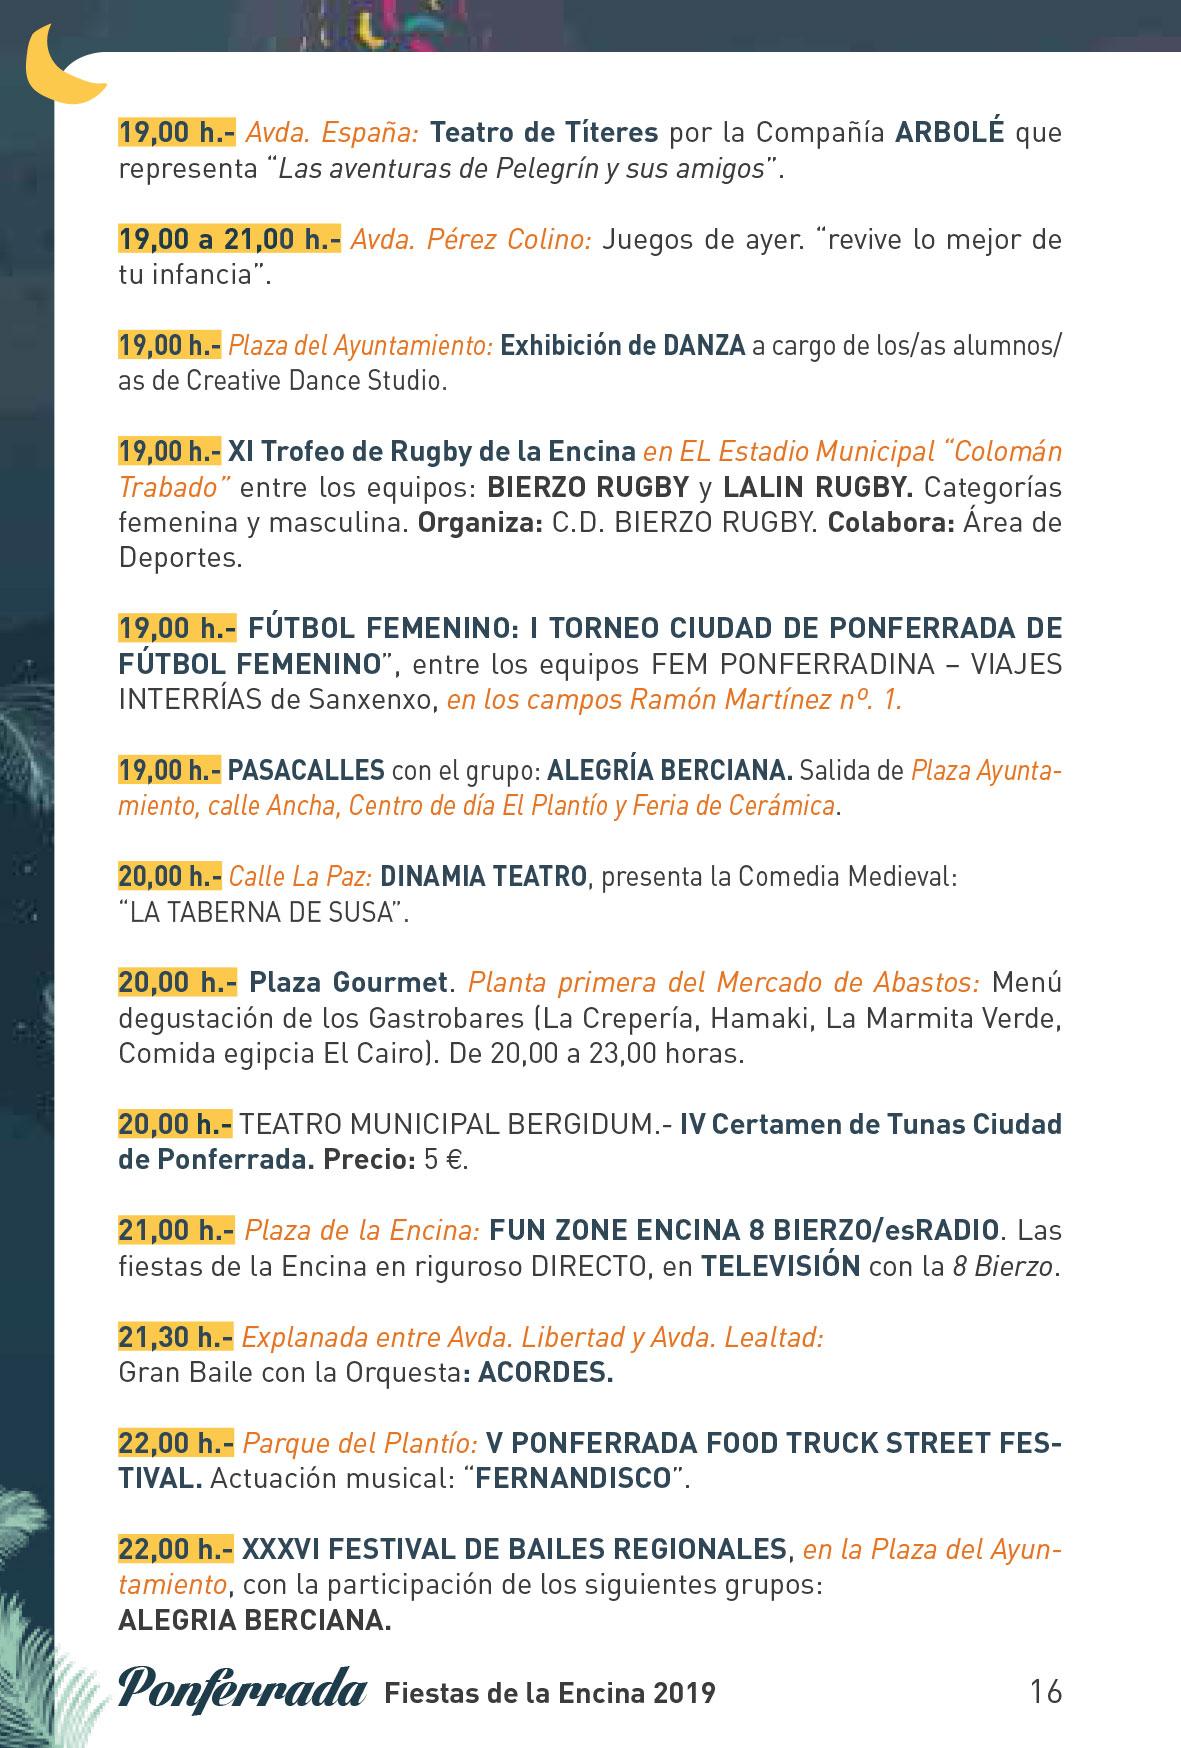 Fiestas de la Encina 2019. Programa y actividades 16